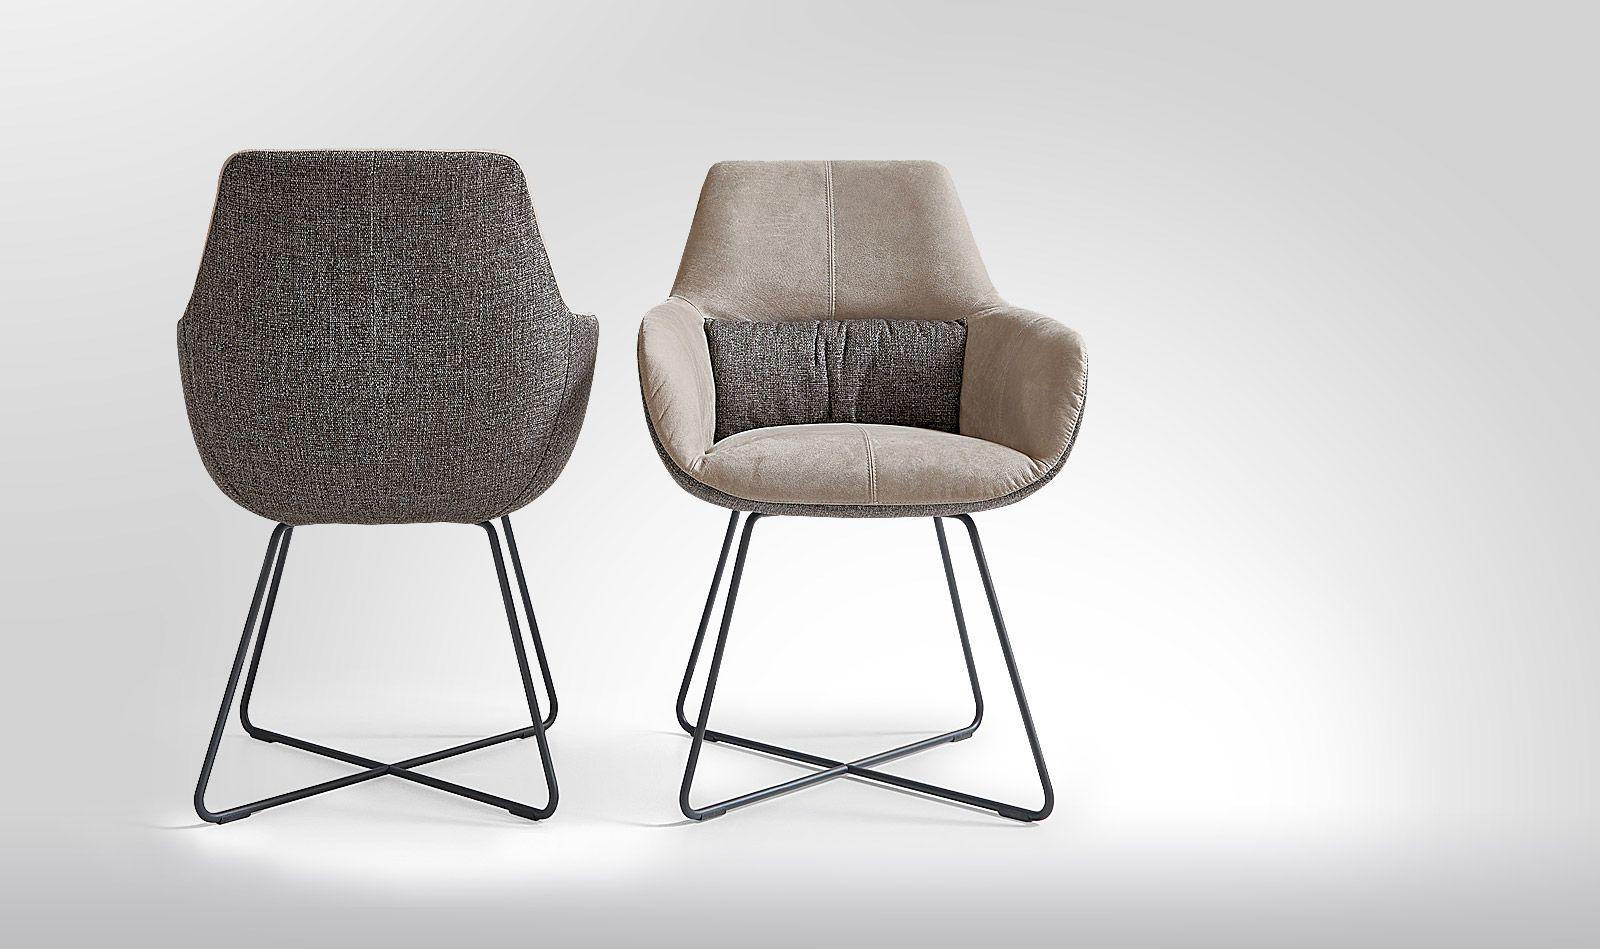 Esszimmer Stuhle Sessel Sessel Rica Venjakob Mobel Vorsprung Durch Design Und Qualitat Venjakob Mobel Esstisch Sessel